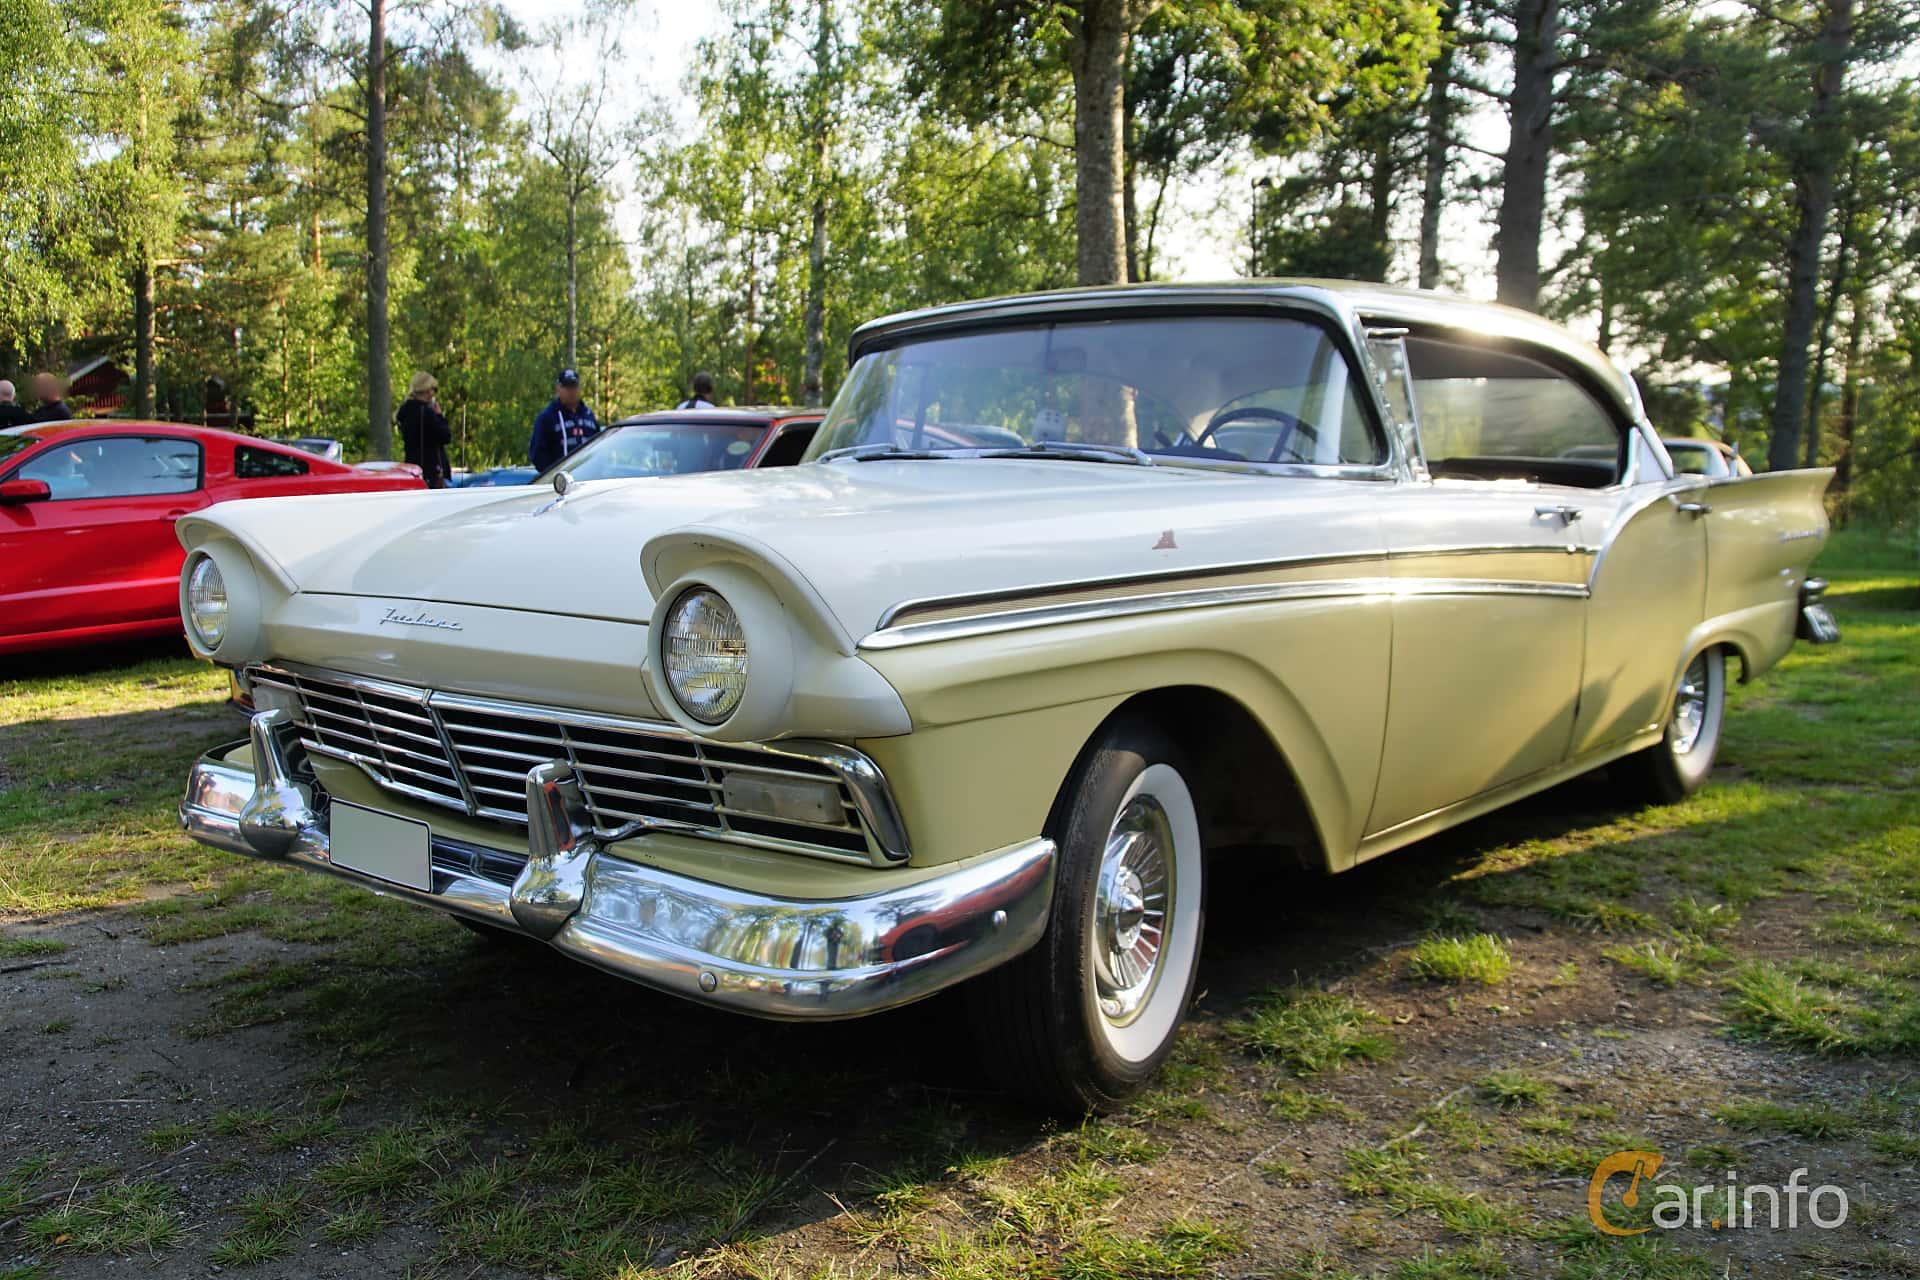 Front/Side  of Ford Fairlane 500 Town Victoria 5.1 V8 Automatic, 249ps, 1957 at Onsdagsträffar på Gammlia Umeå 2019 vecka 28